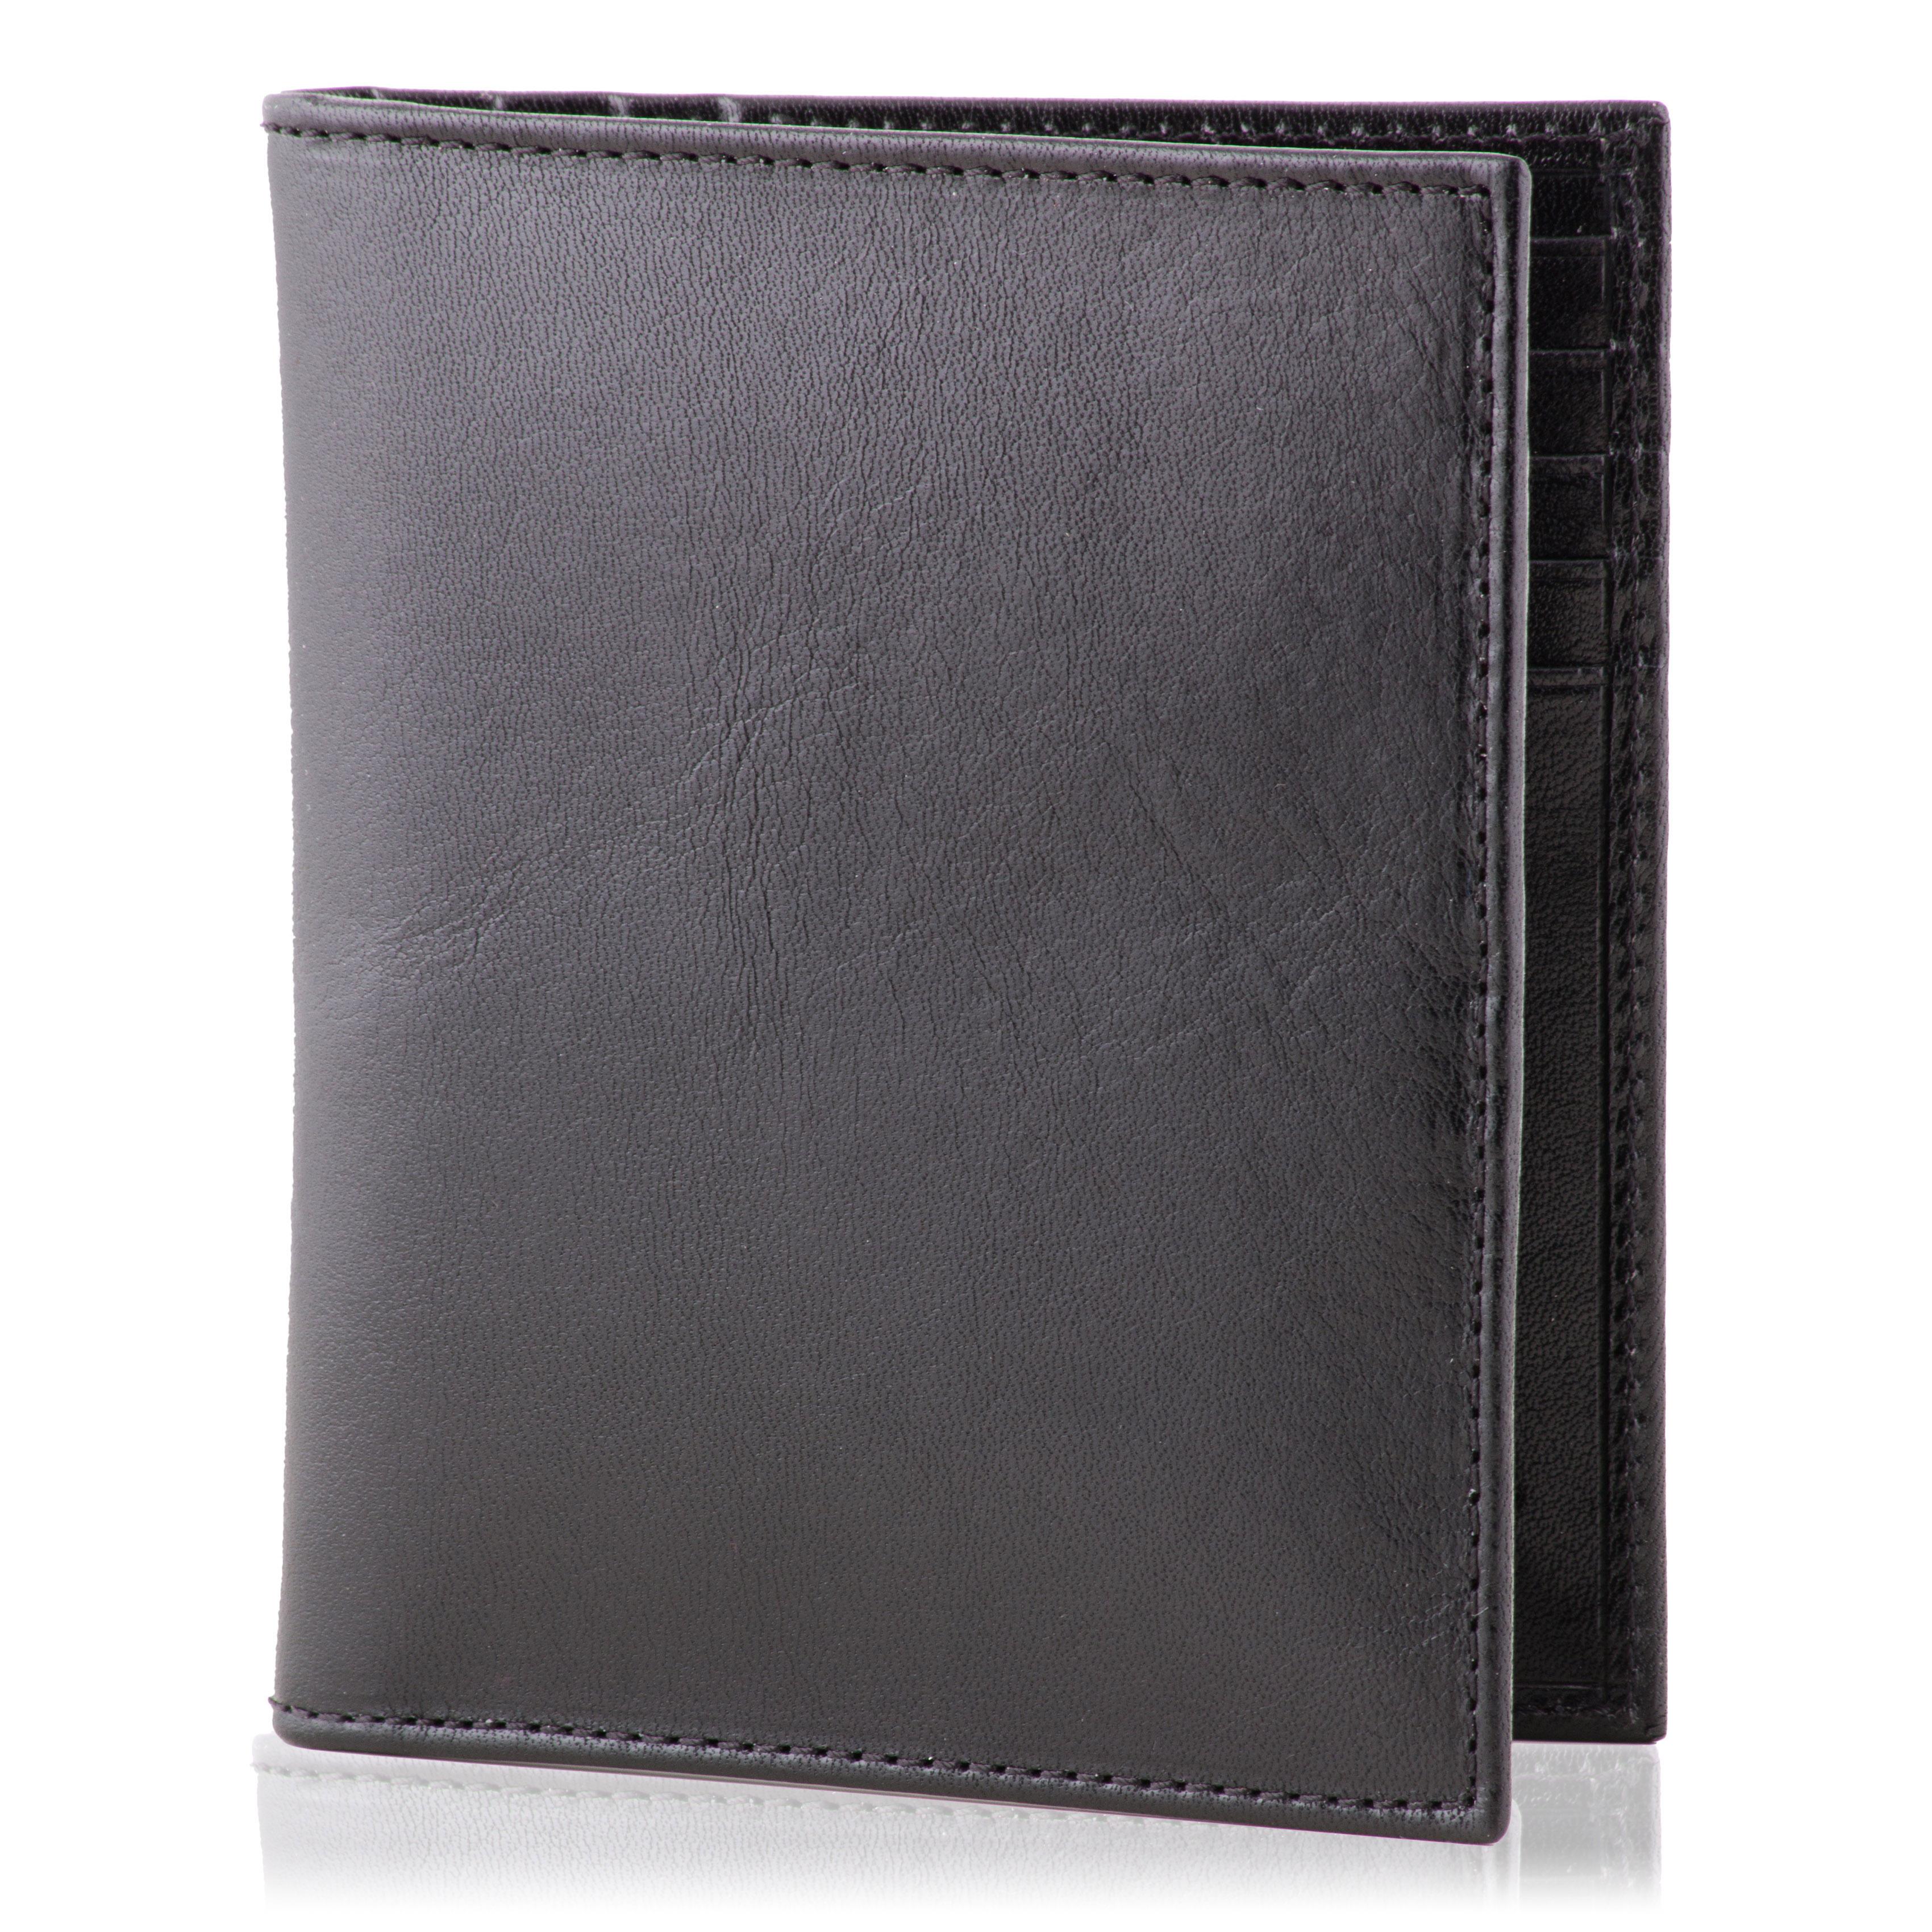 Pouzdro na kreditní karty ADK Omaha černé